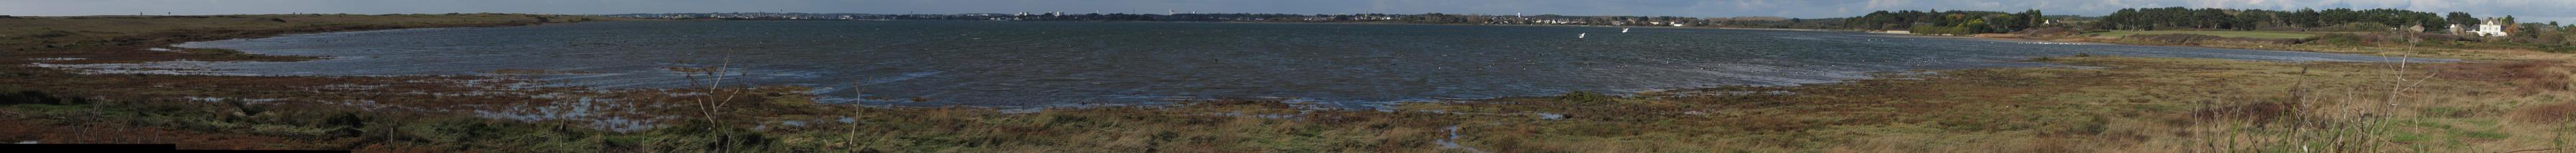 Petite mer de Gavres by d4rKp3n4nc3